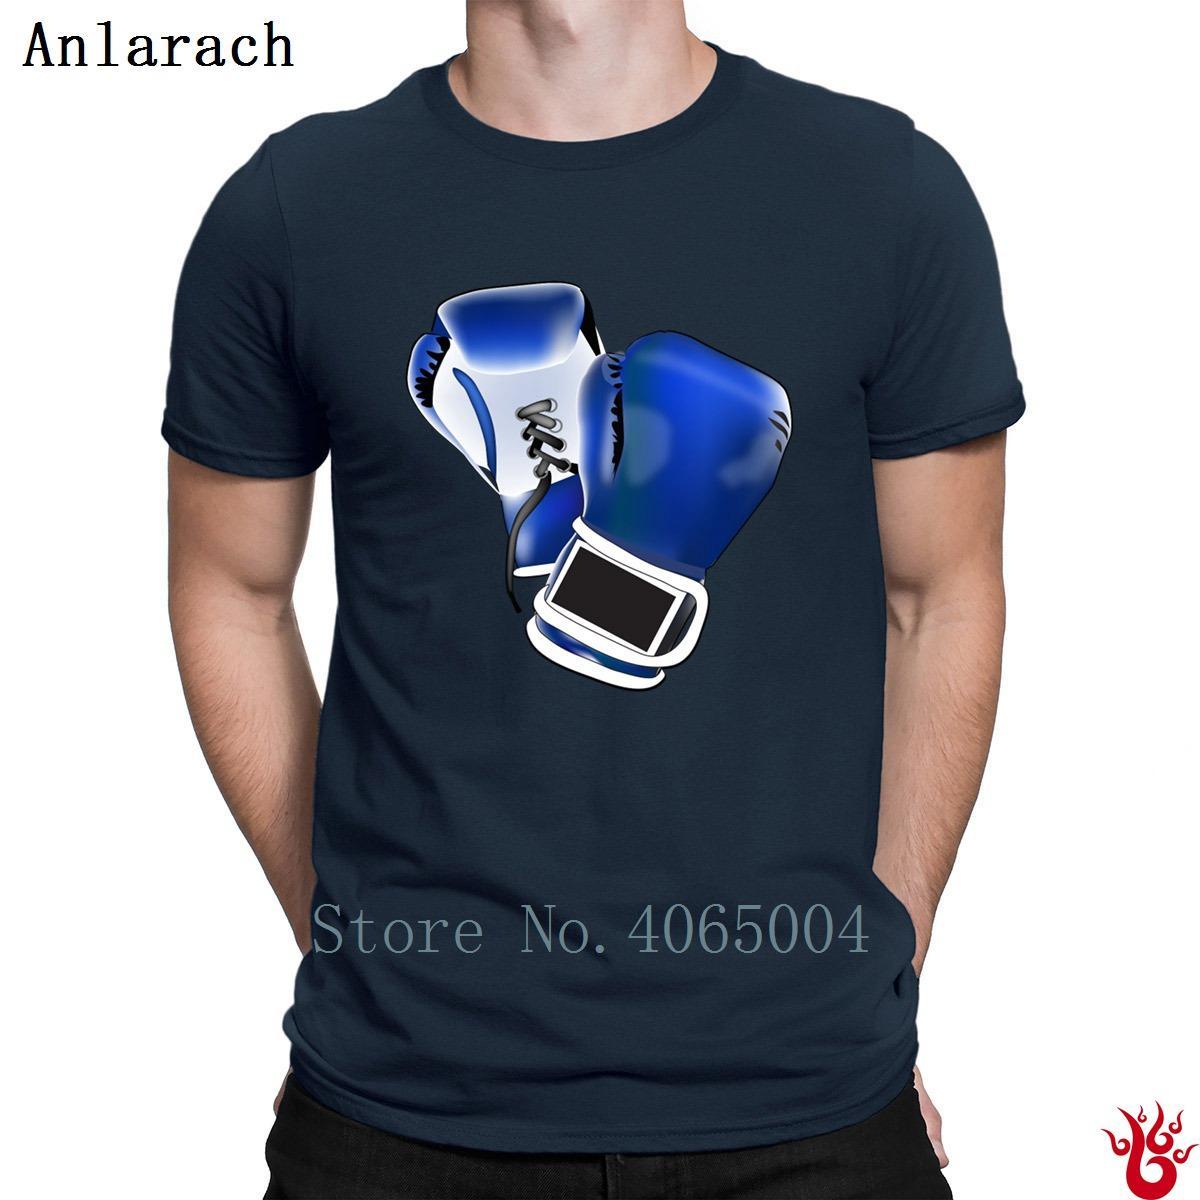 Boxte T-Shirts Freizeit Pop Top Tee Familie Designer Männer-T-Shirt-Sommer-Art neue Art und Weise kurzer Hülse-T-Shirt O Ansatz Fit